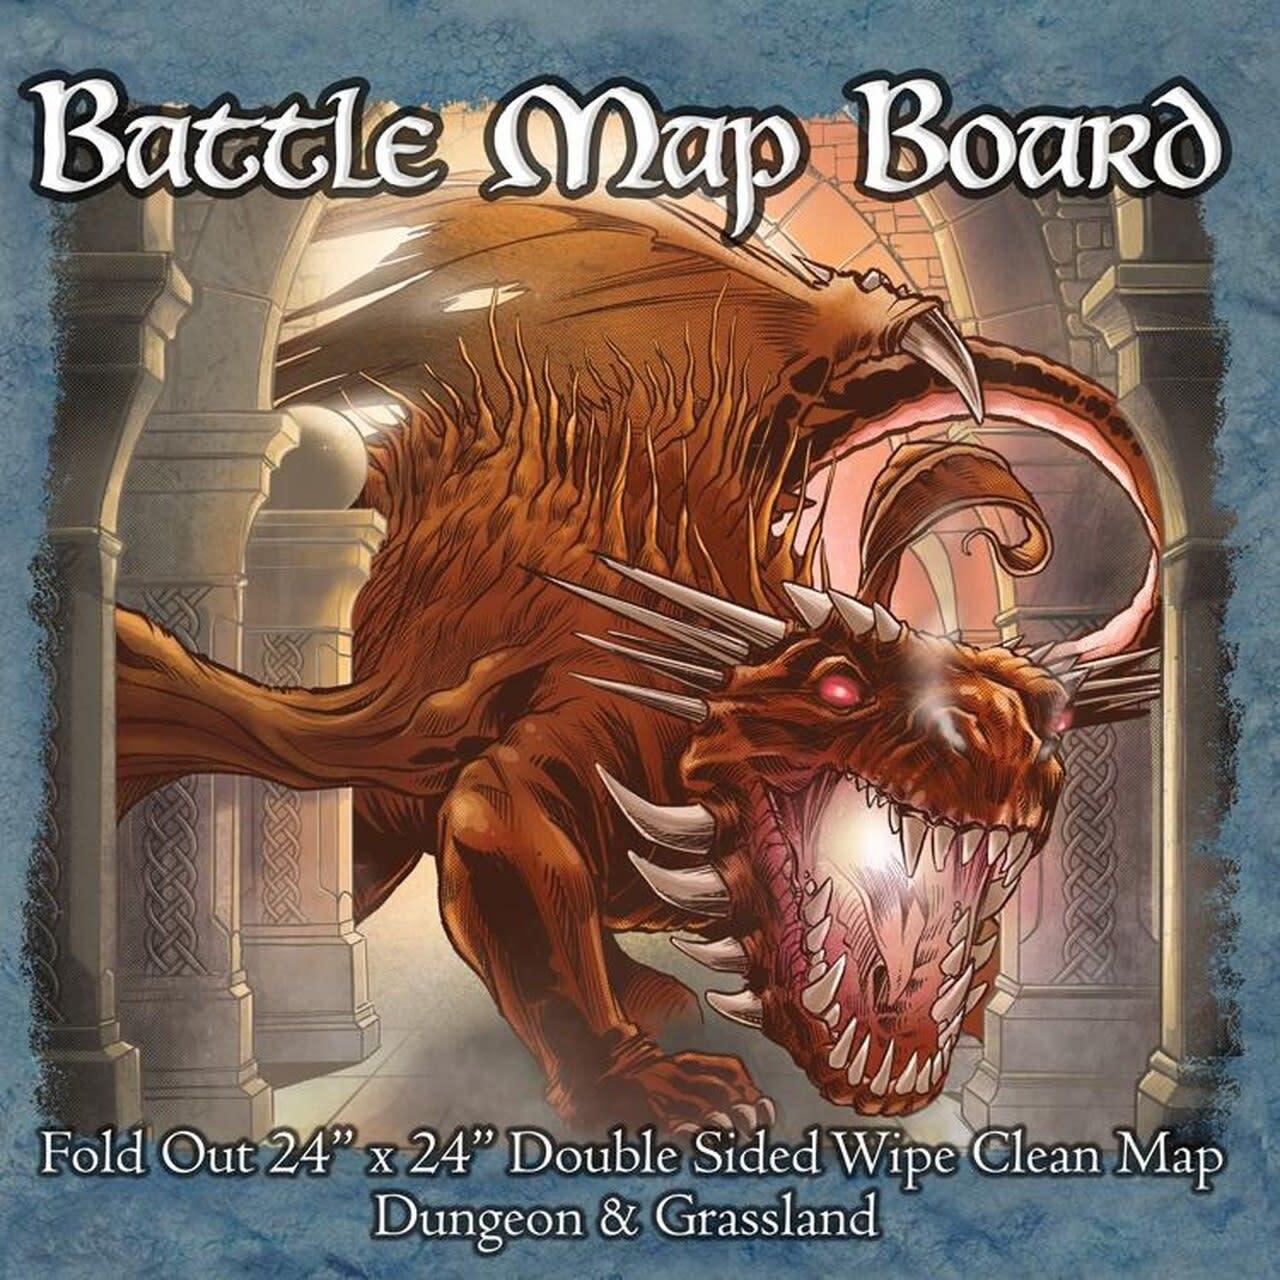 Battle Mat Board: Dungeon and Grassland